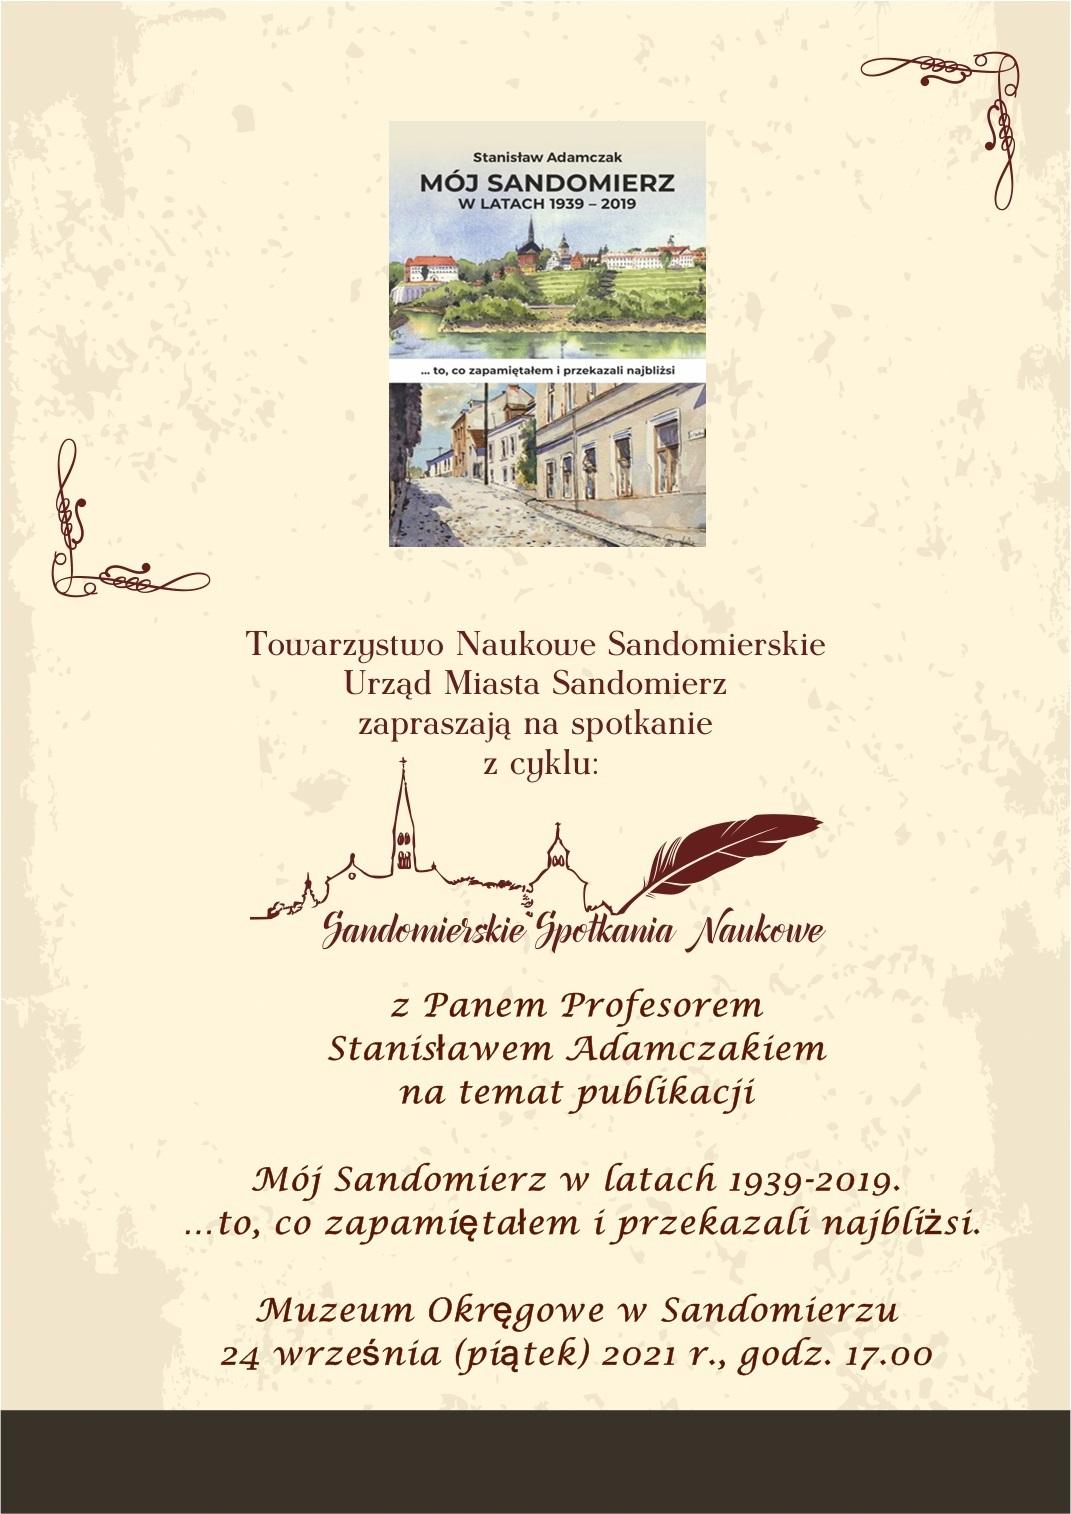 Prof. Stanisław Adamczak - Sandomierskie Spotkania Naukowe.jpeg